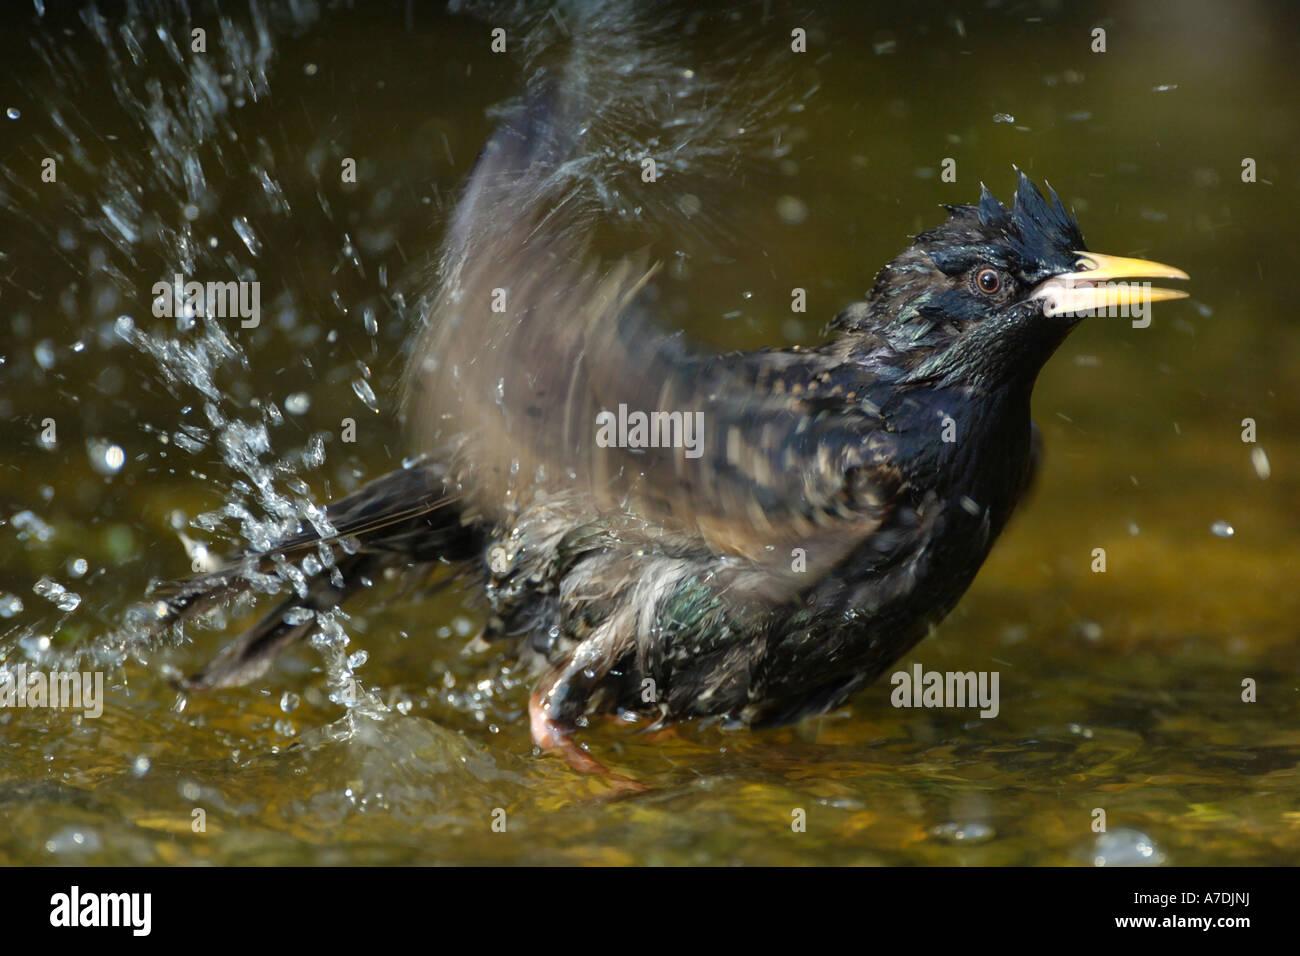 Badender Star Mittelfranken Bayern Deutschland Star European Starling Sturnus vulgaris Stock Photo